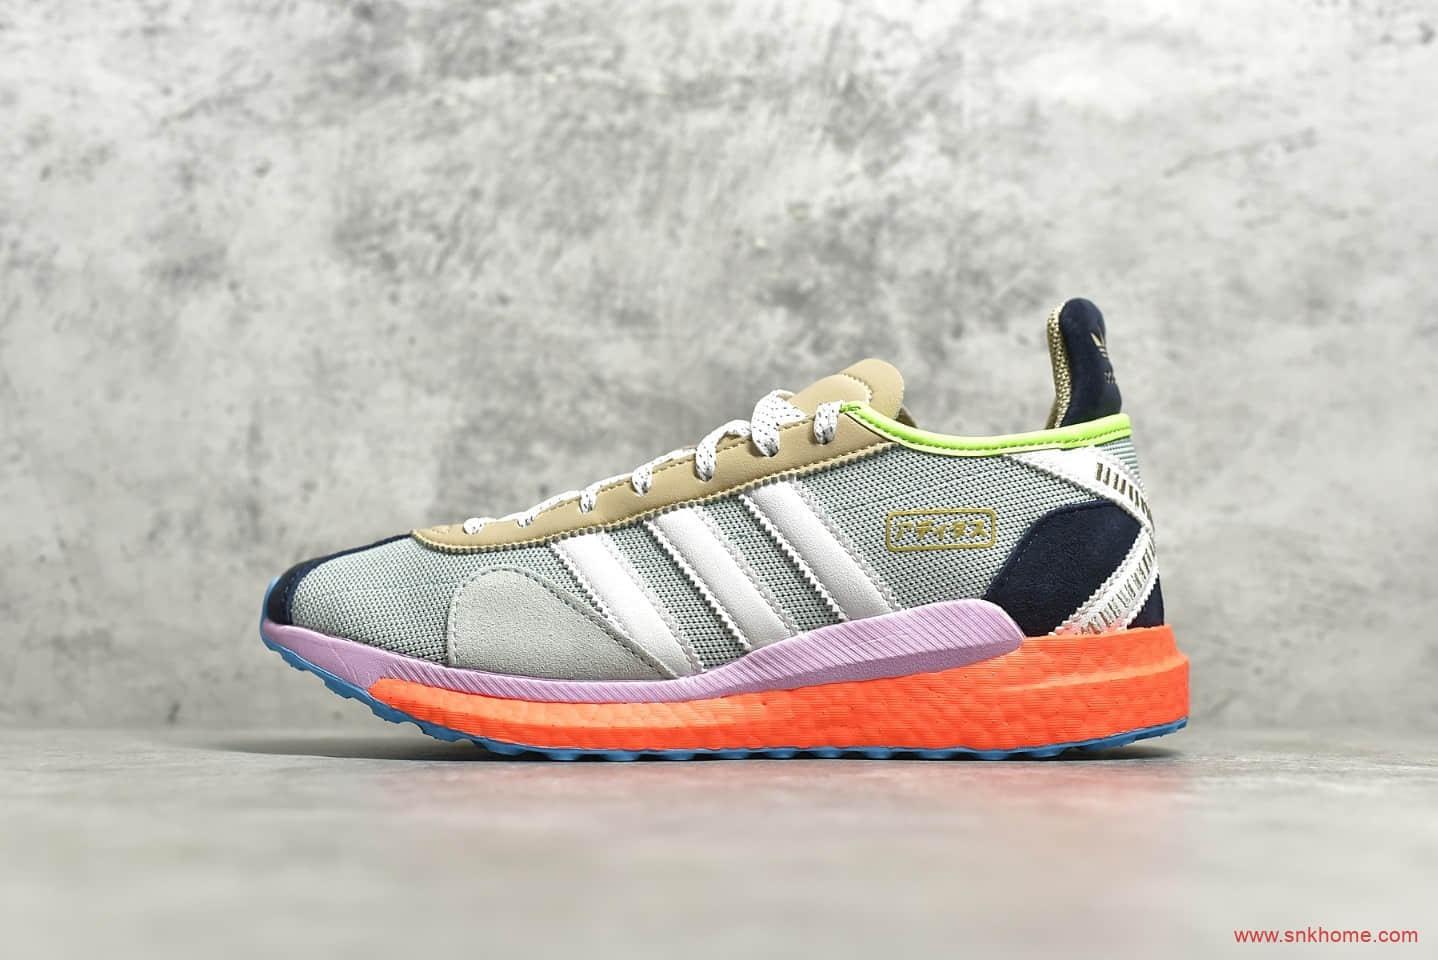 阿迪达斯菲董联名款adidas x Human Made 阿迪达斯彩色拼接 阿迪达斯Primeknit 鞋面BOOST中底 货号:S42576-潮流者之家